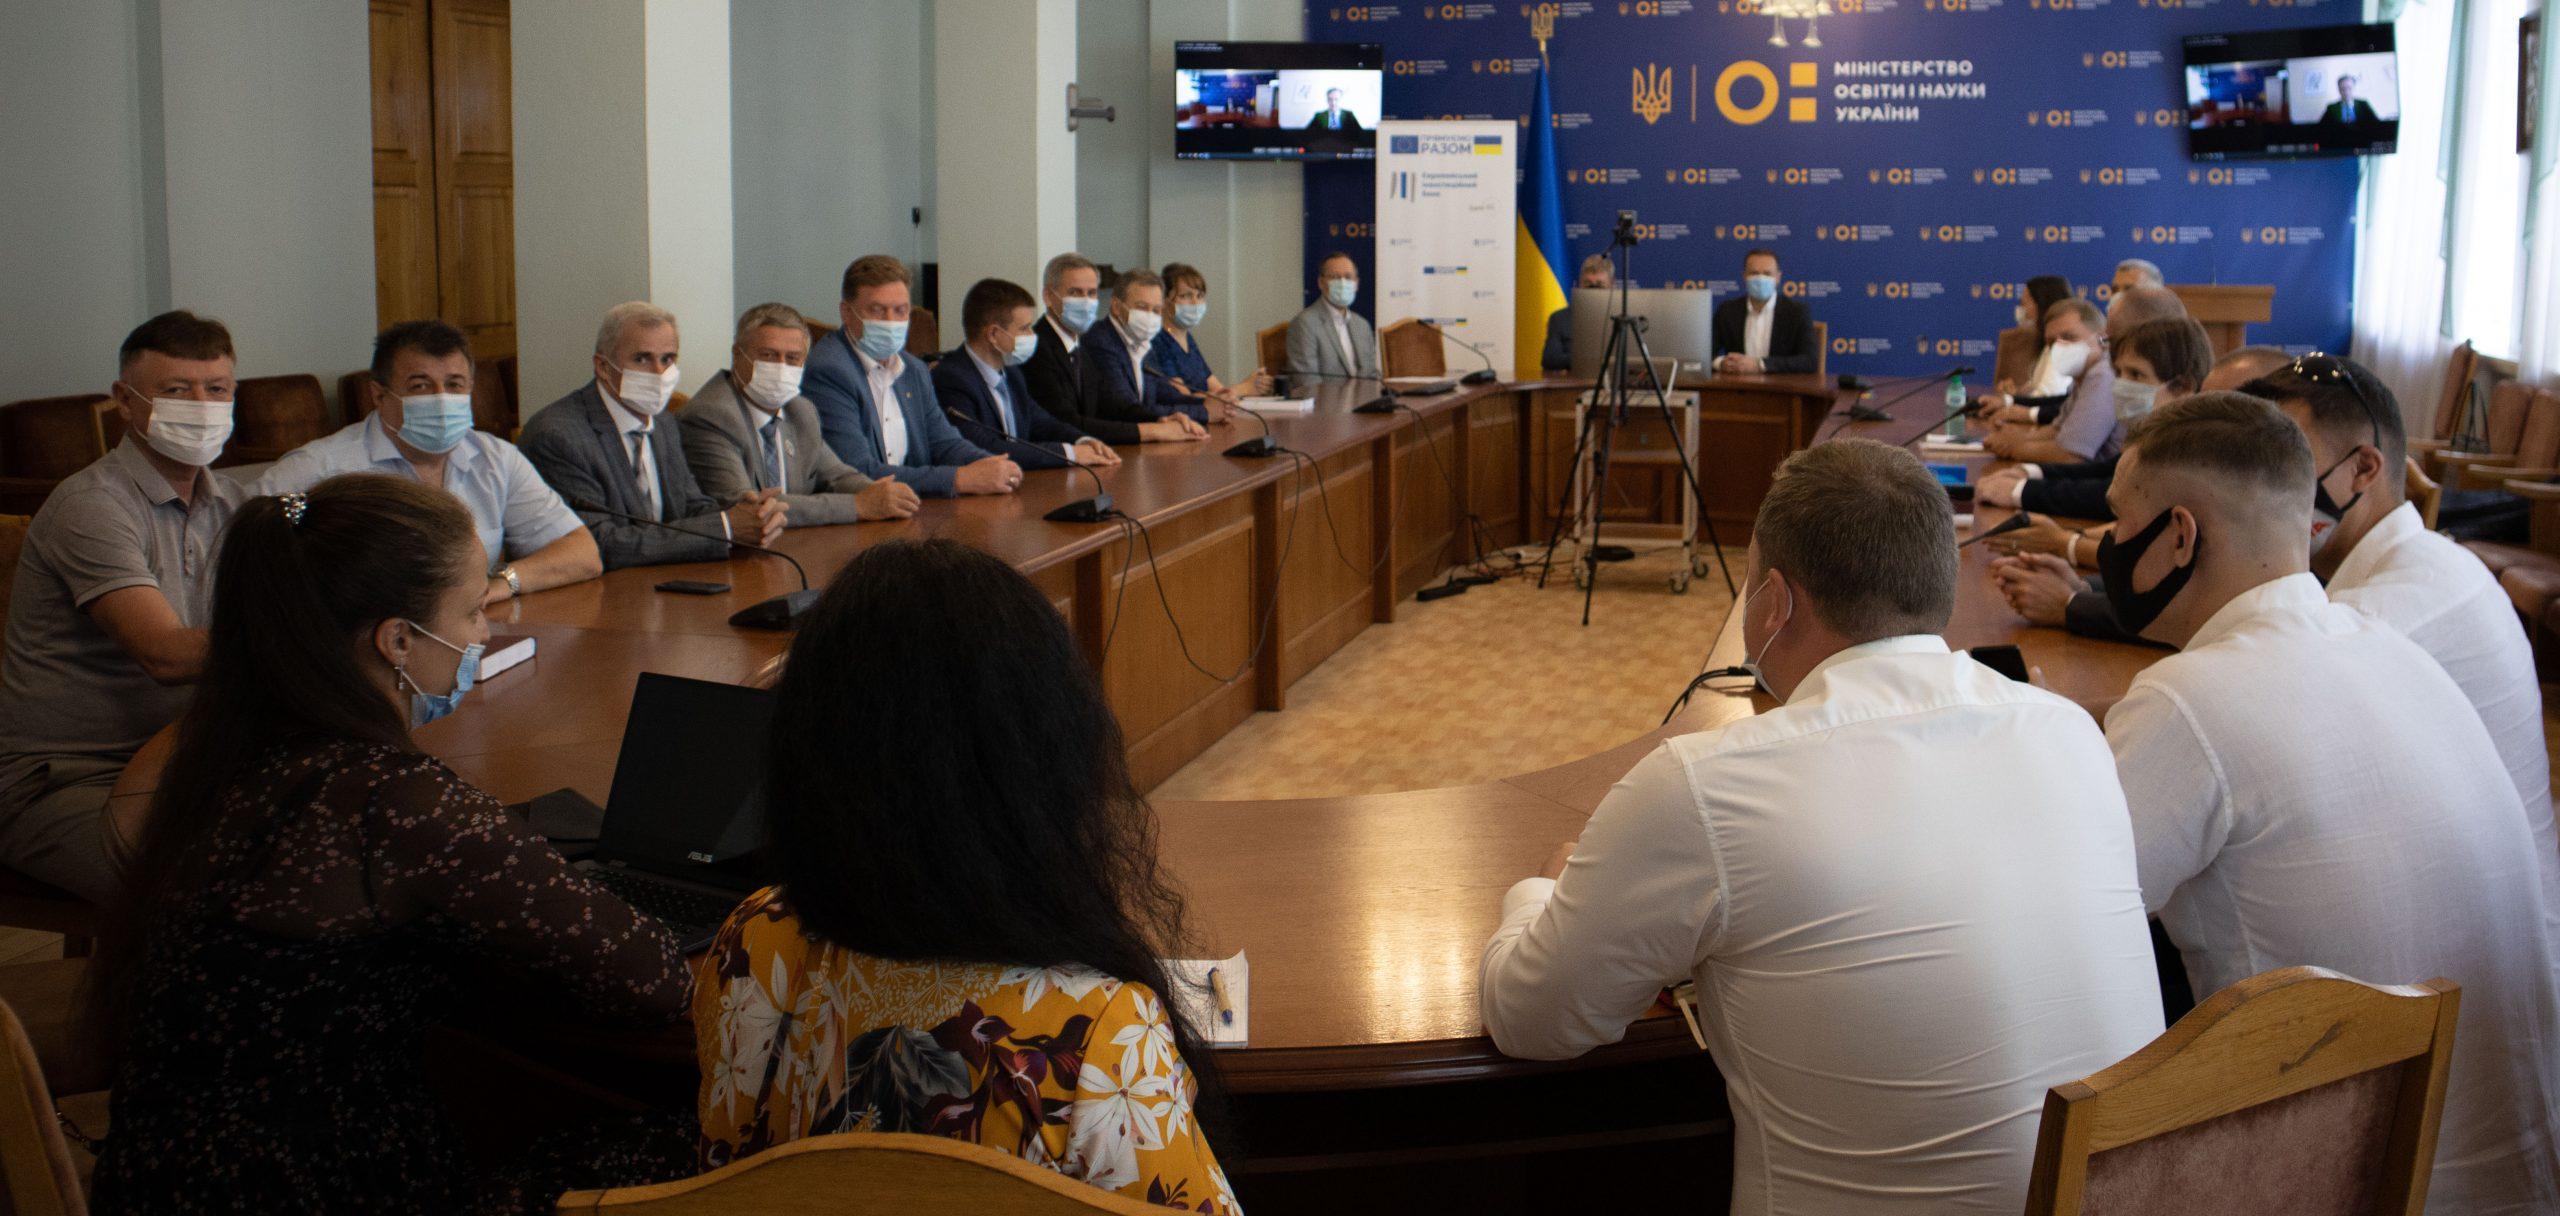 Вінницький національний технічний університет серед учасників проєкту «Вища освіта в Україні»